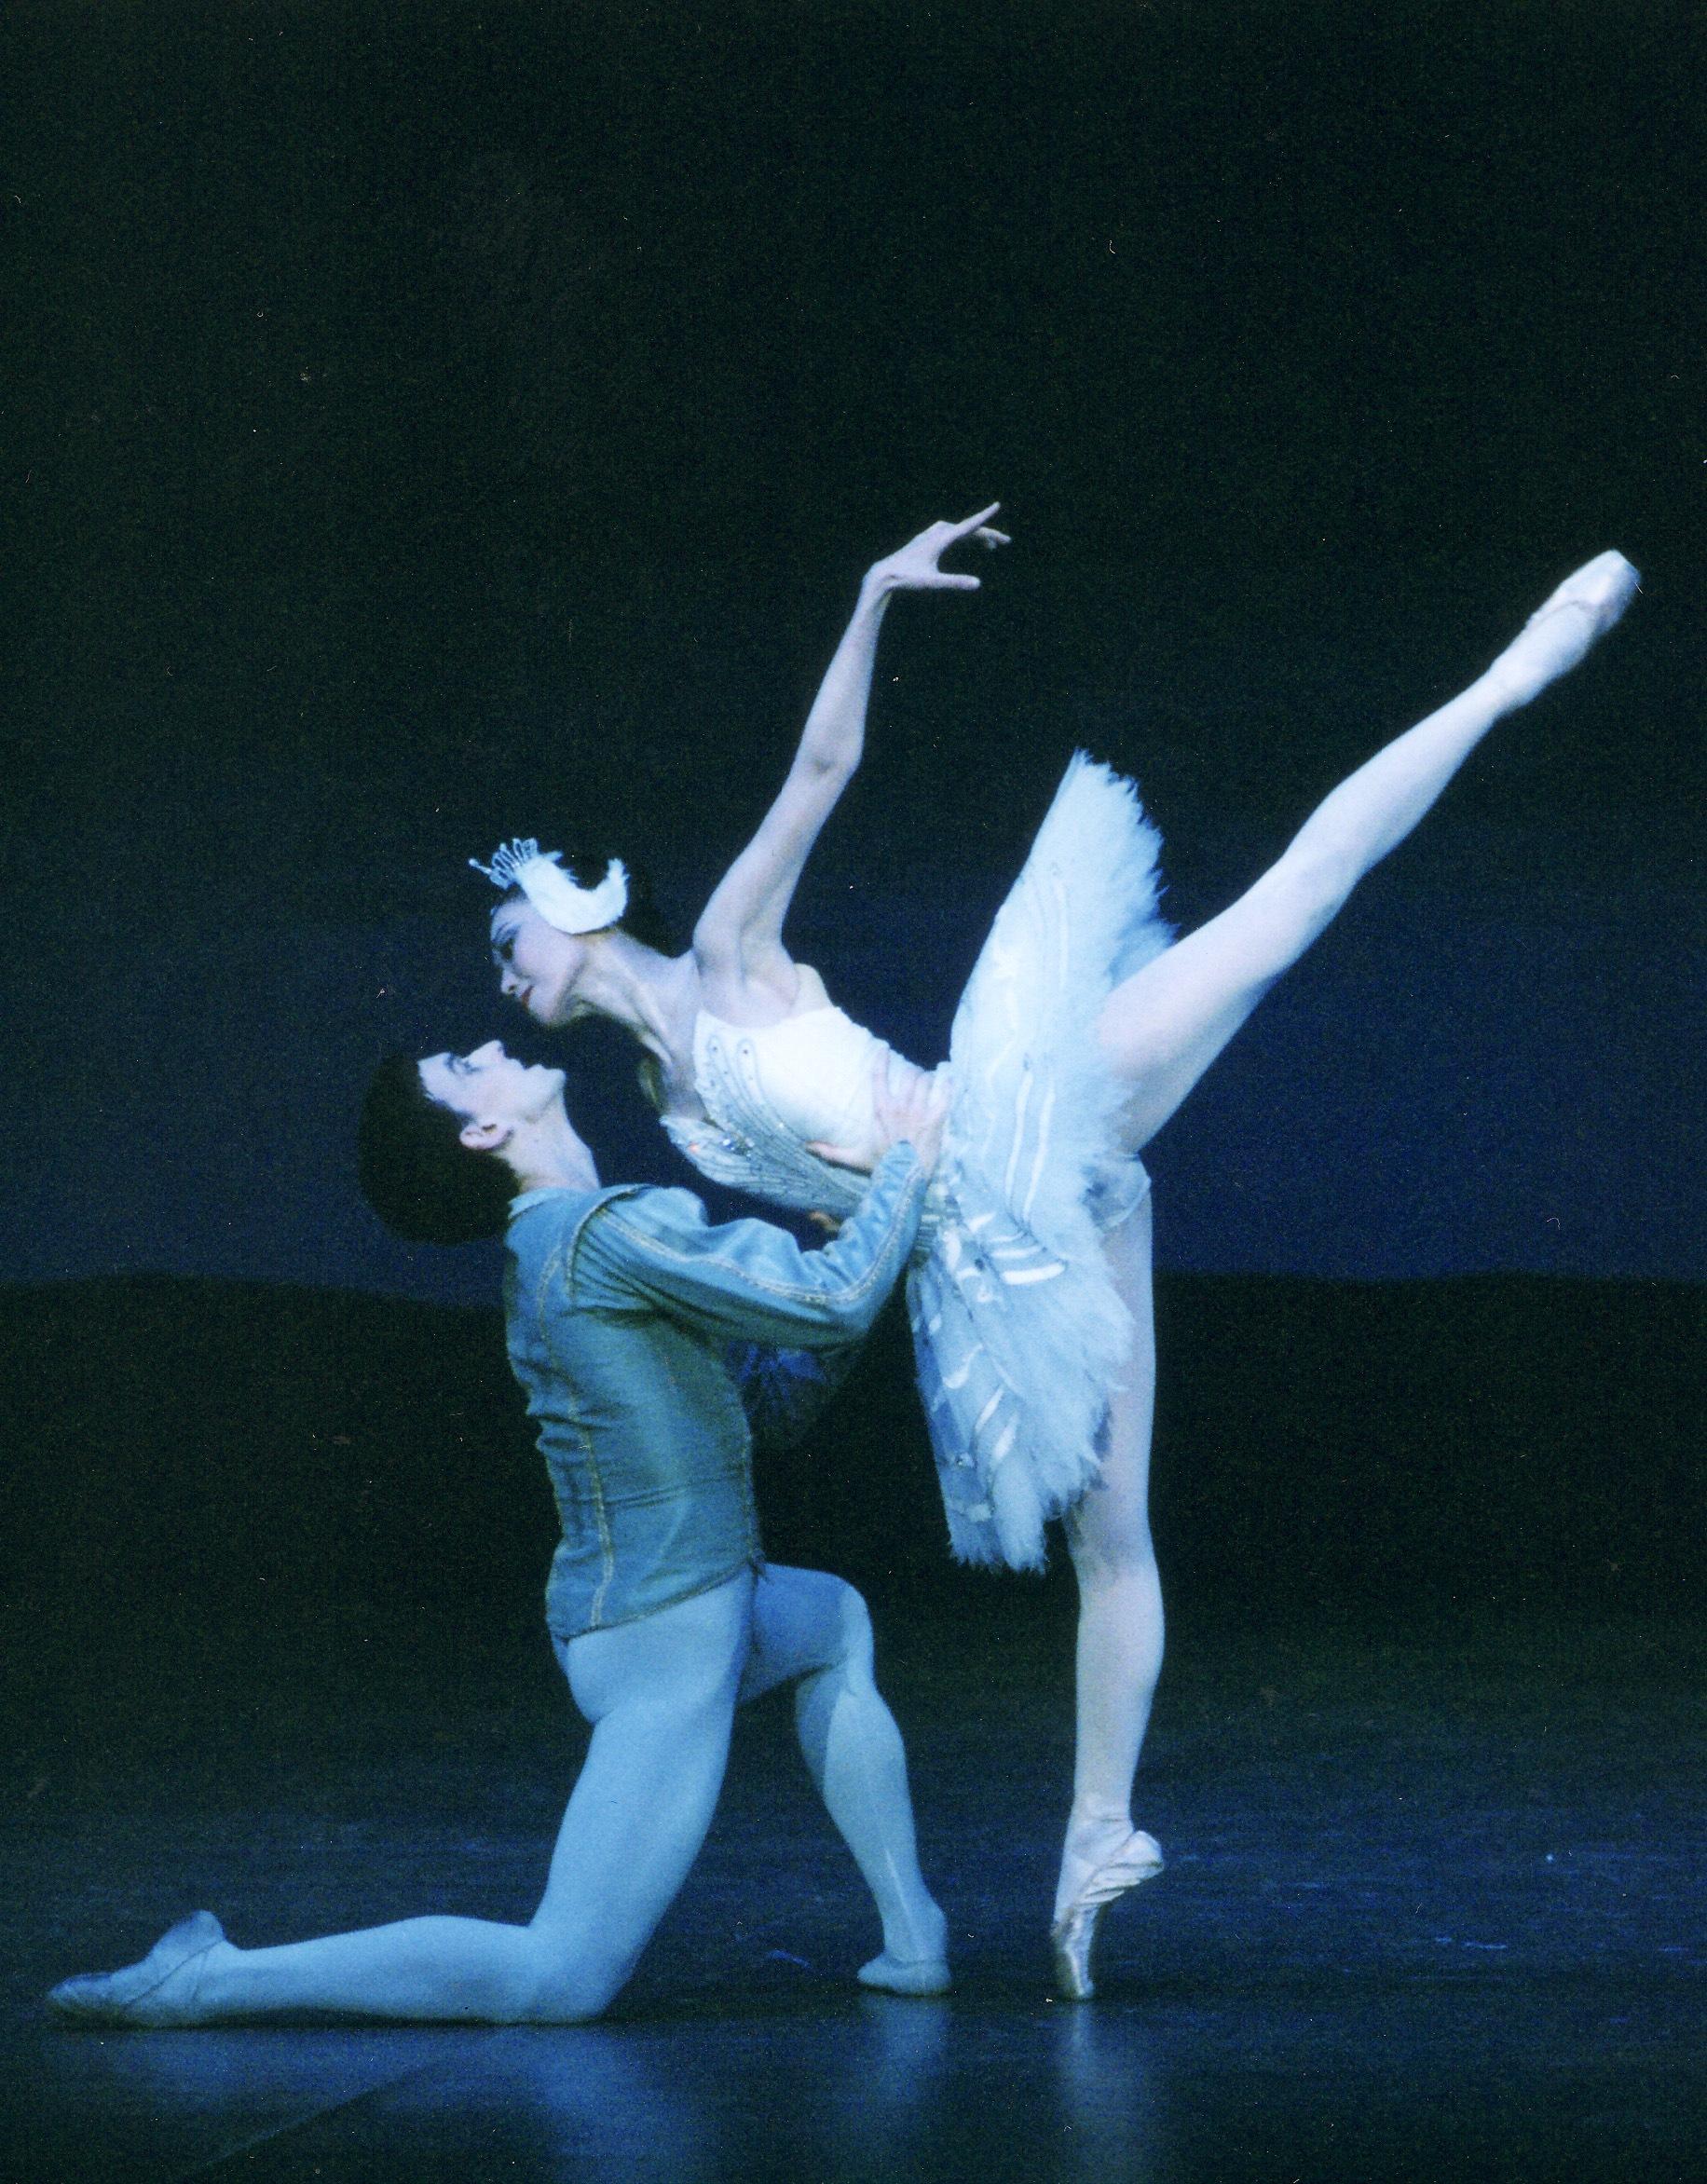 野間バレエ団第26回定期公演 野間景演出・振付「白鳥の湖」(全幕)